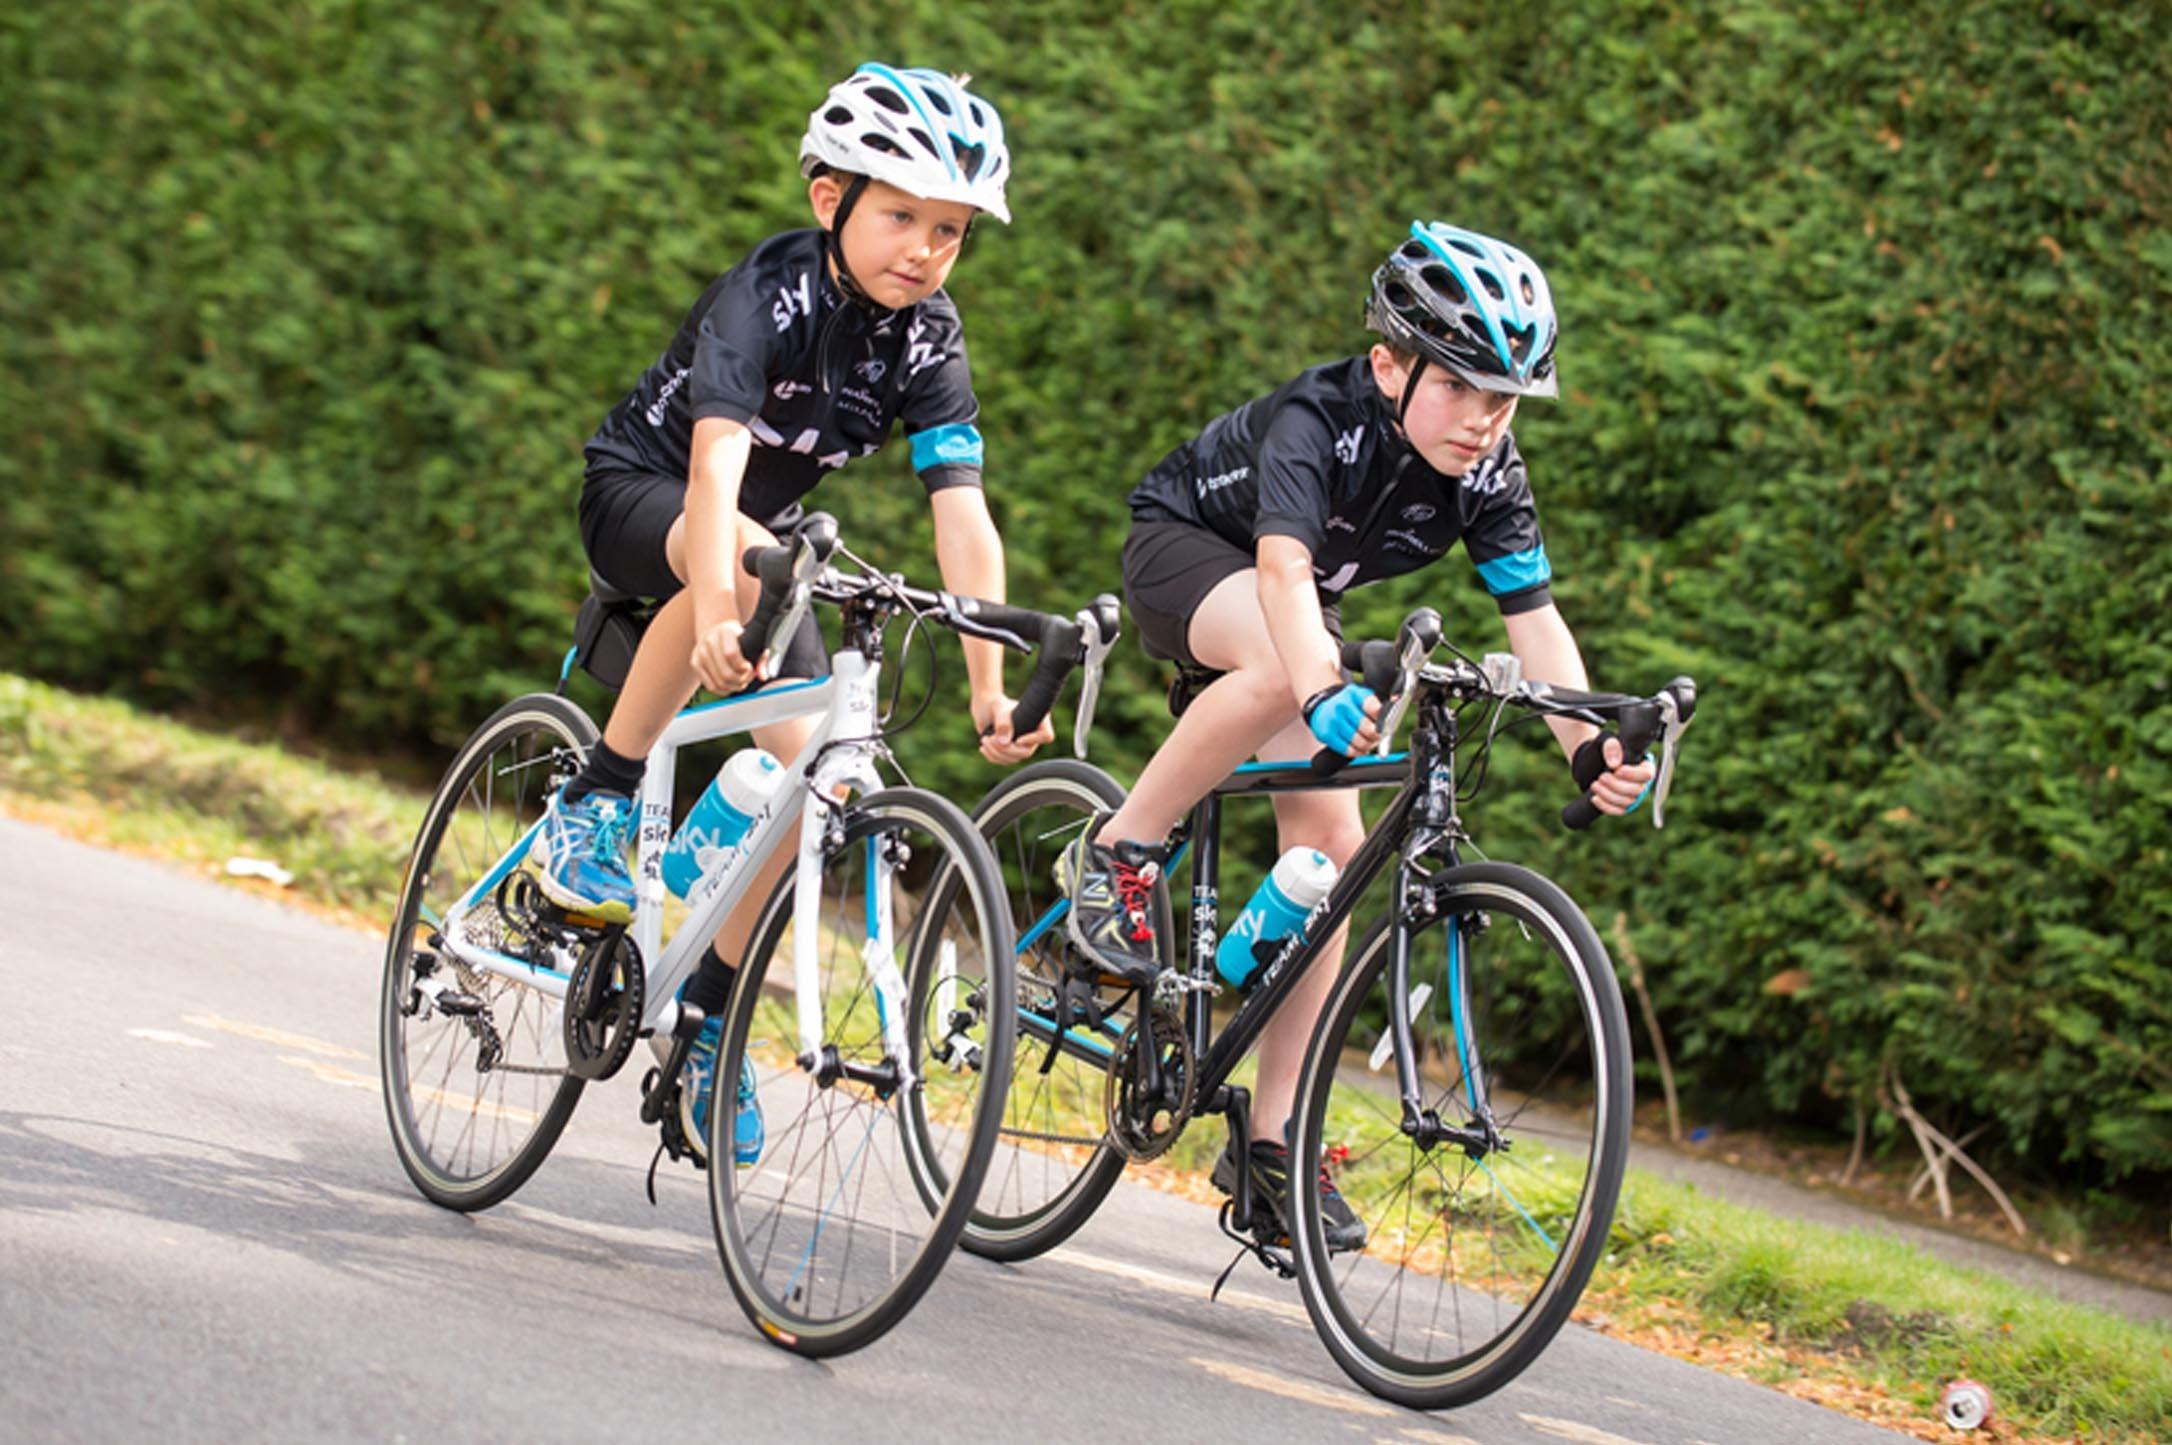 Win a Frog Team Sky Road Bike